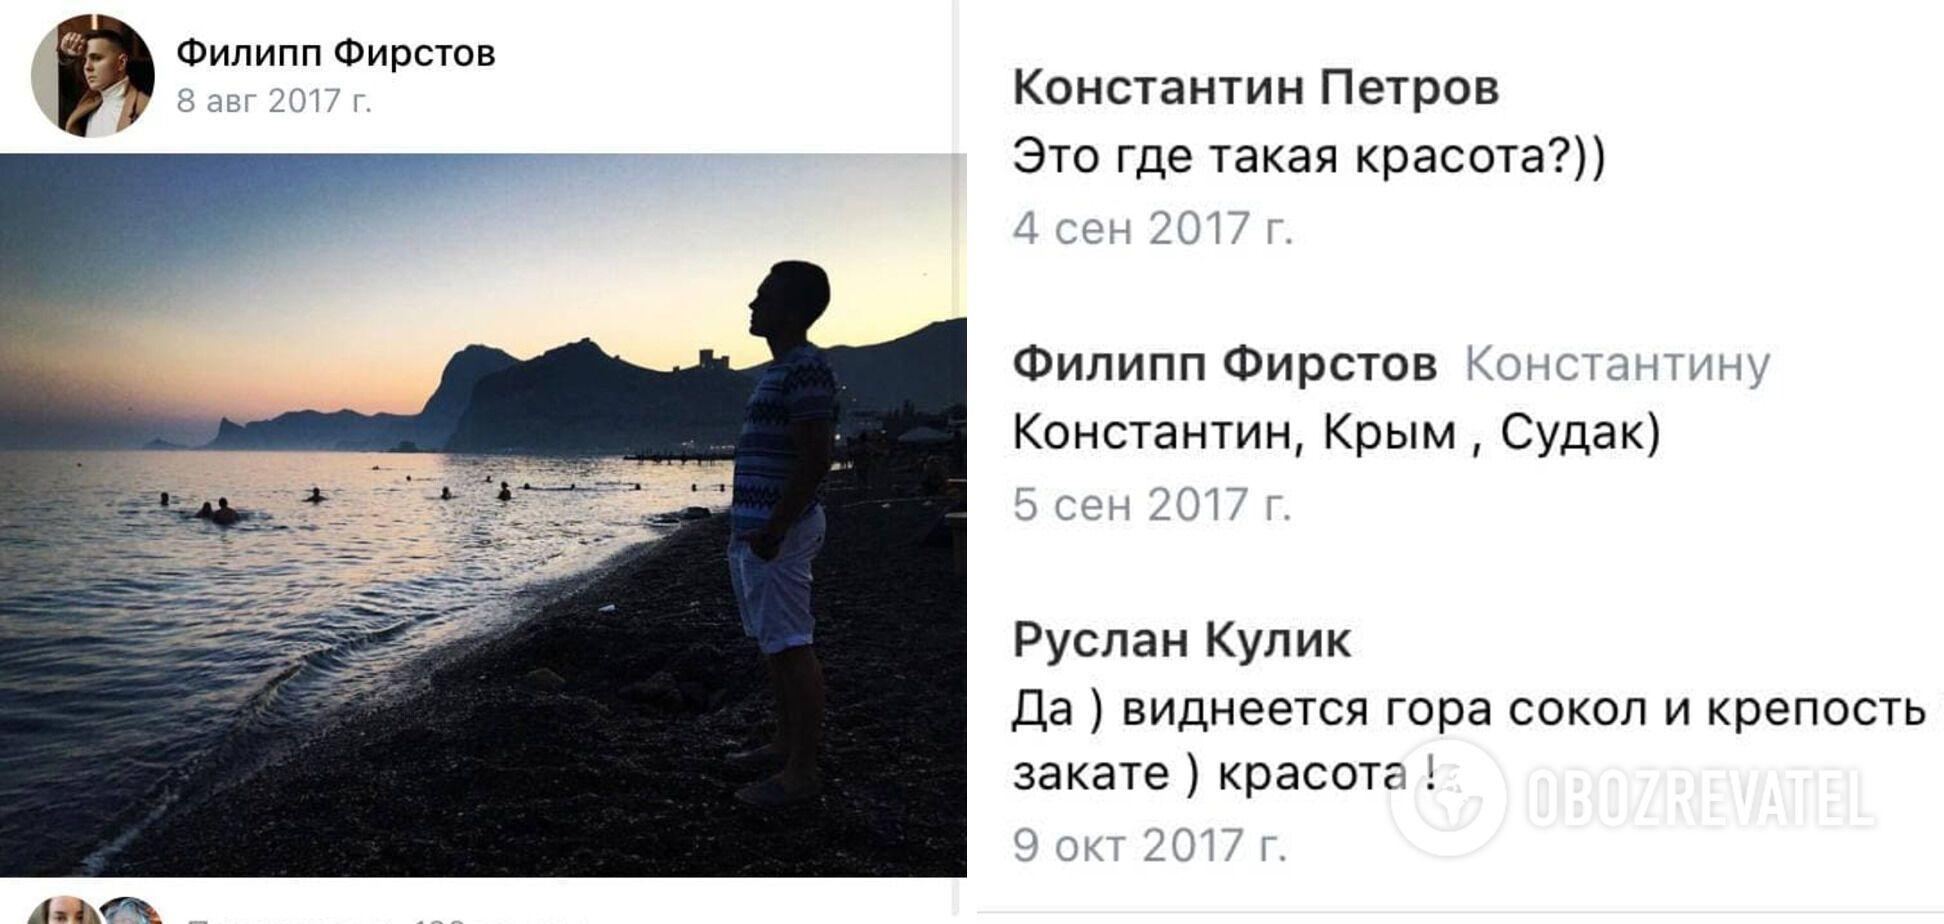 Россиянин был в Крыму.